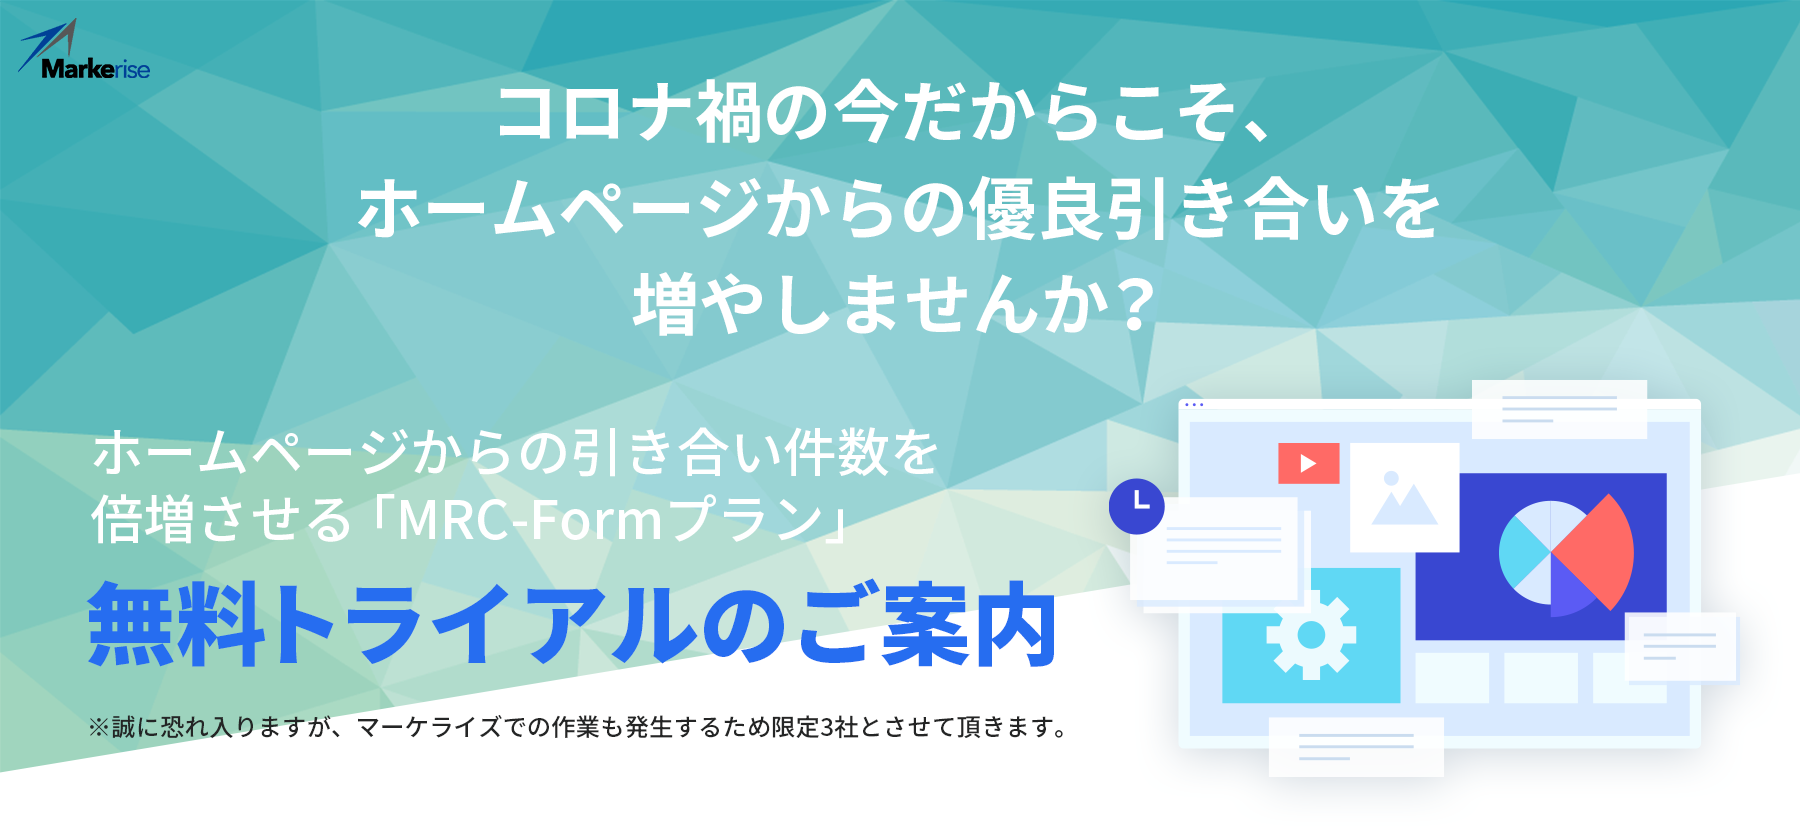 「MRC-Form」無料トライアル